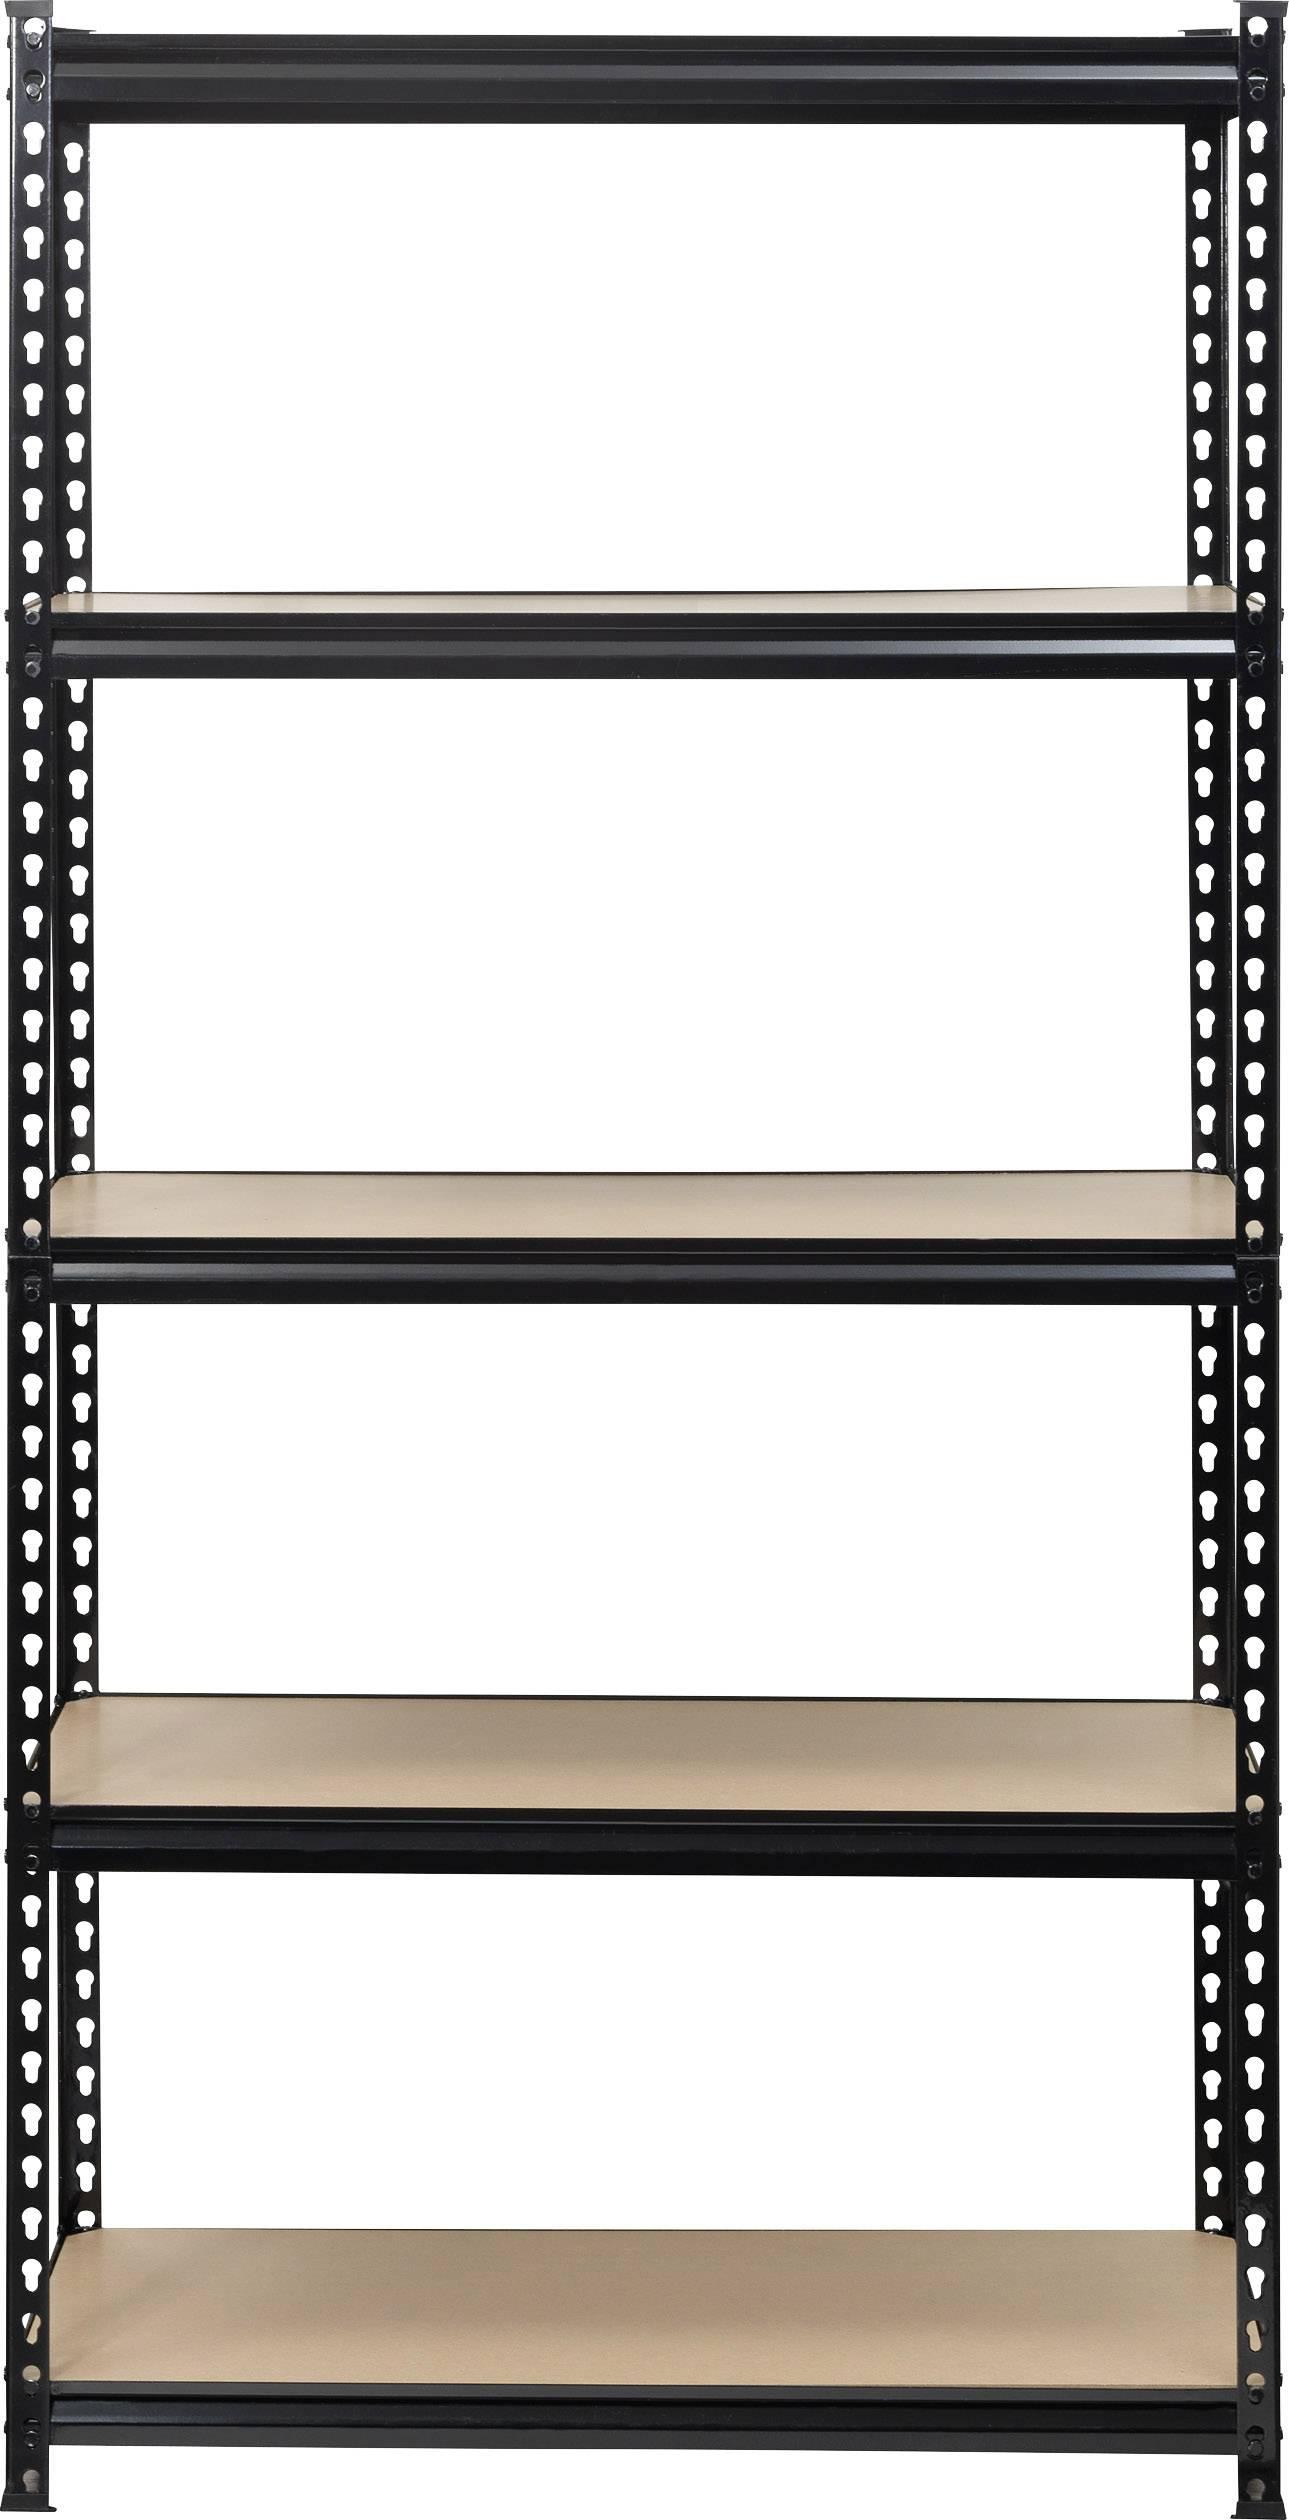 Variabilní regál s vysokou nosností 350 kg TOOLCRAFT (š x v x h) 900 x 1800 x 450 mm, kov, MDF, černá